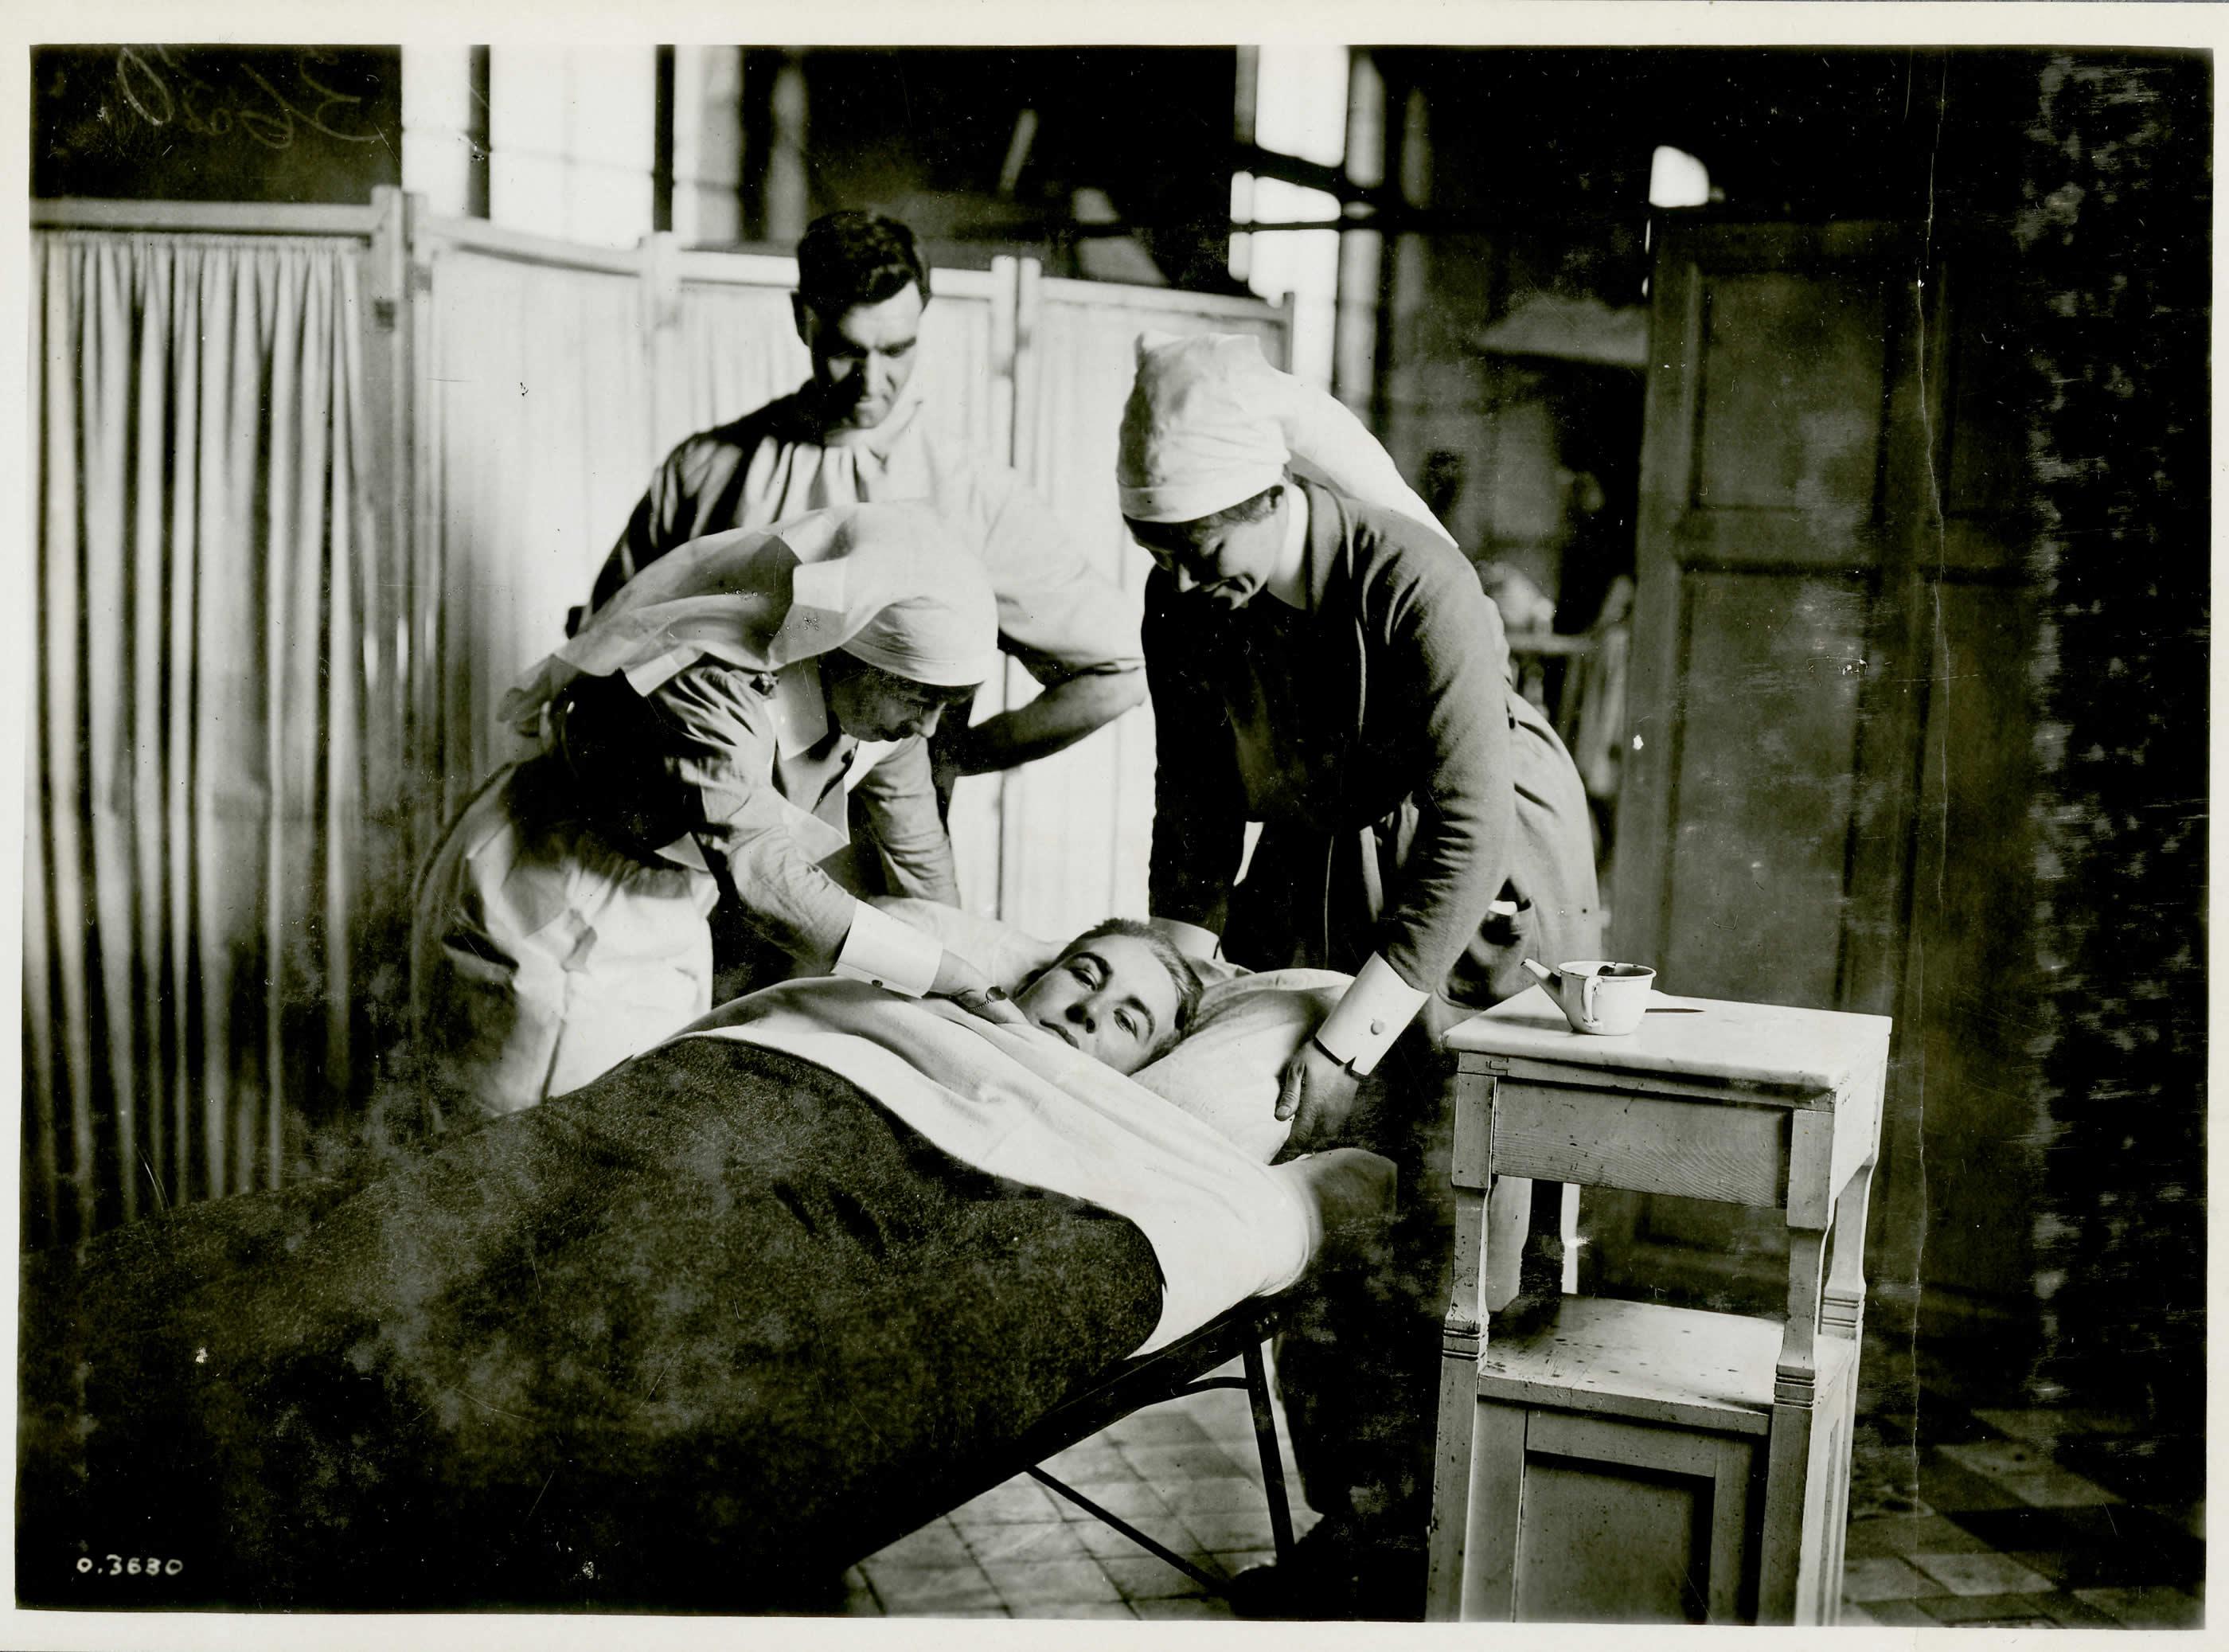 Soldat mineur blessé